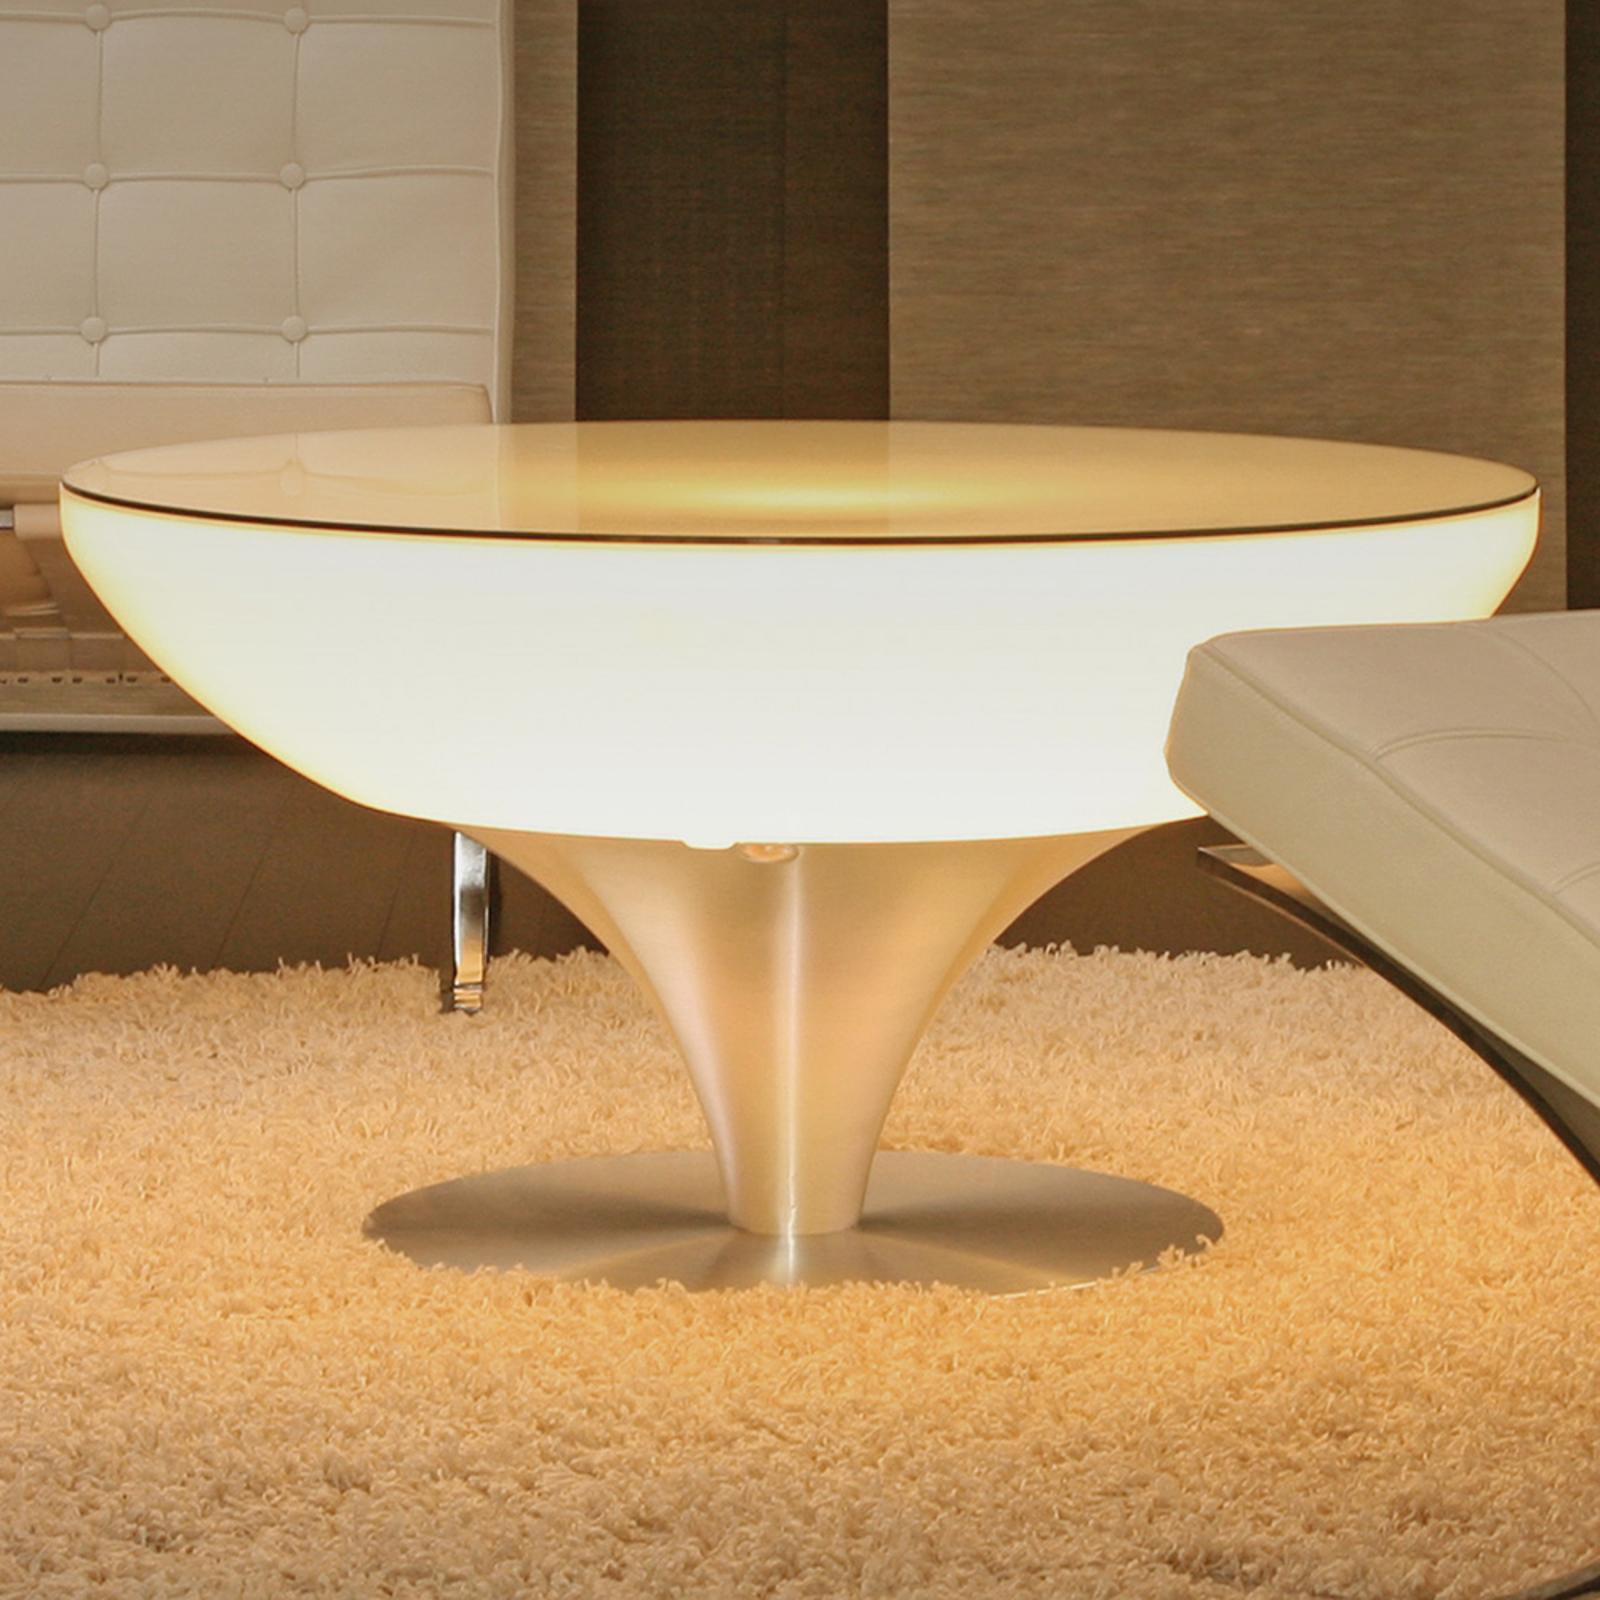 Bedienbare LED tafel Lounge Pro Accu 45 cm